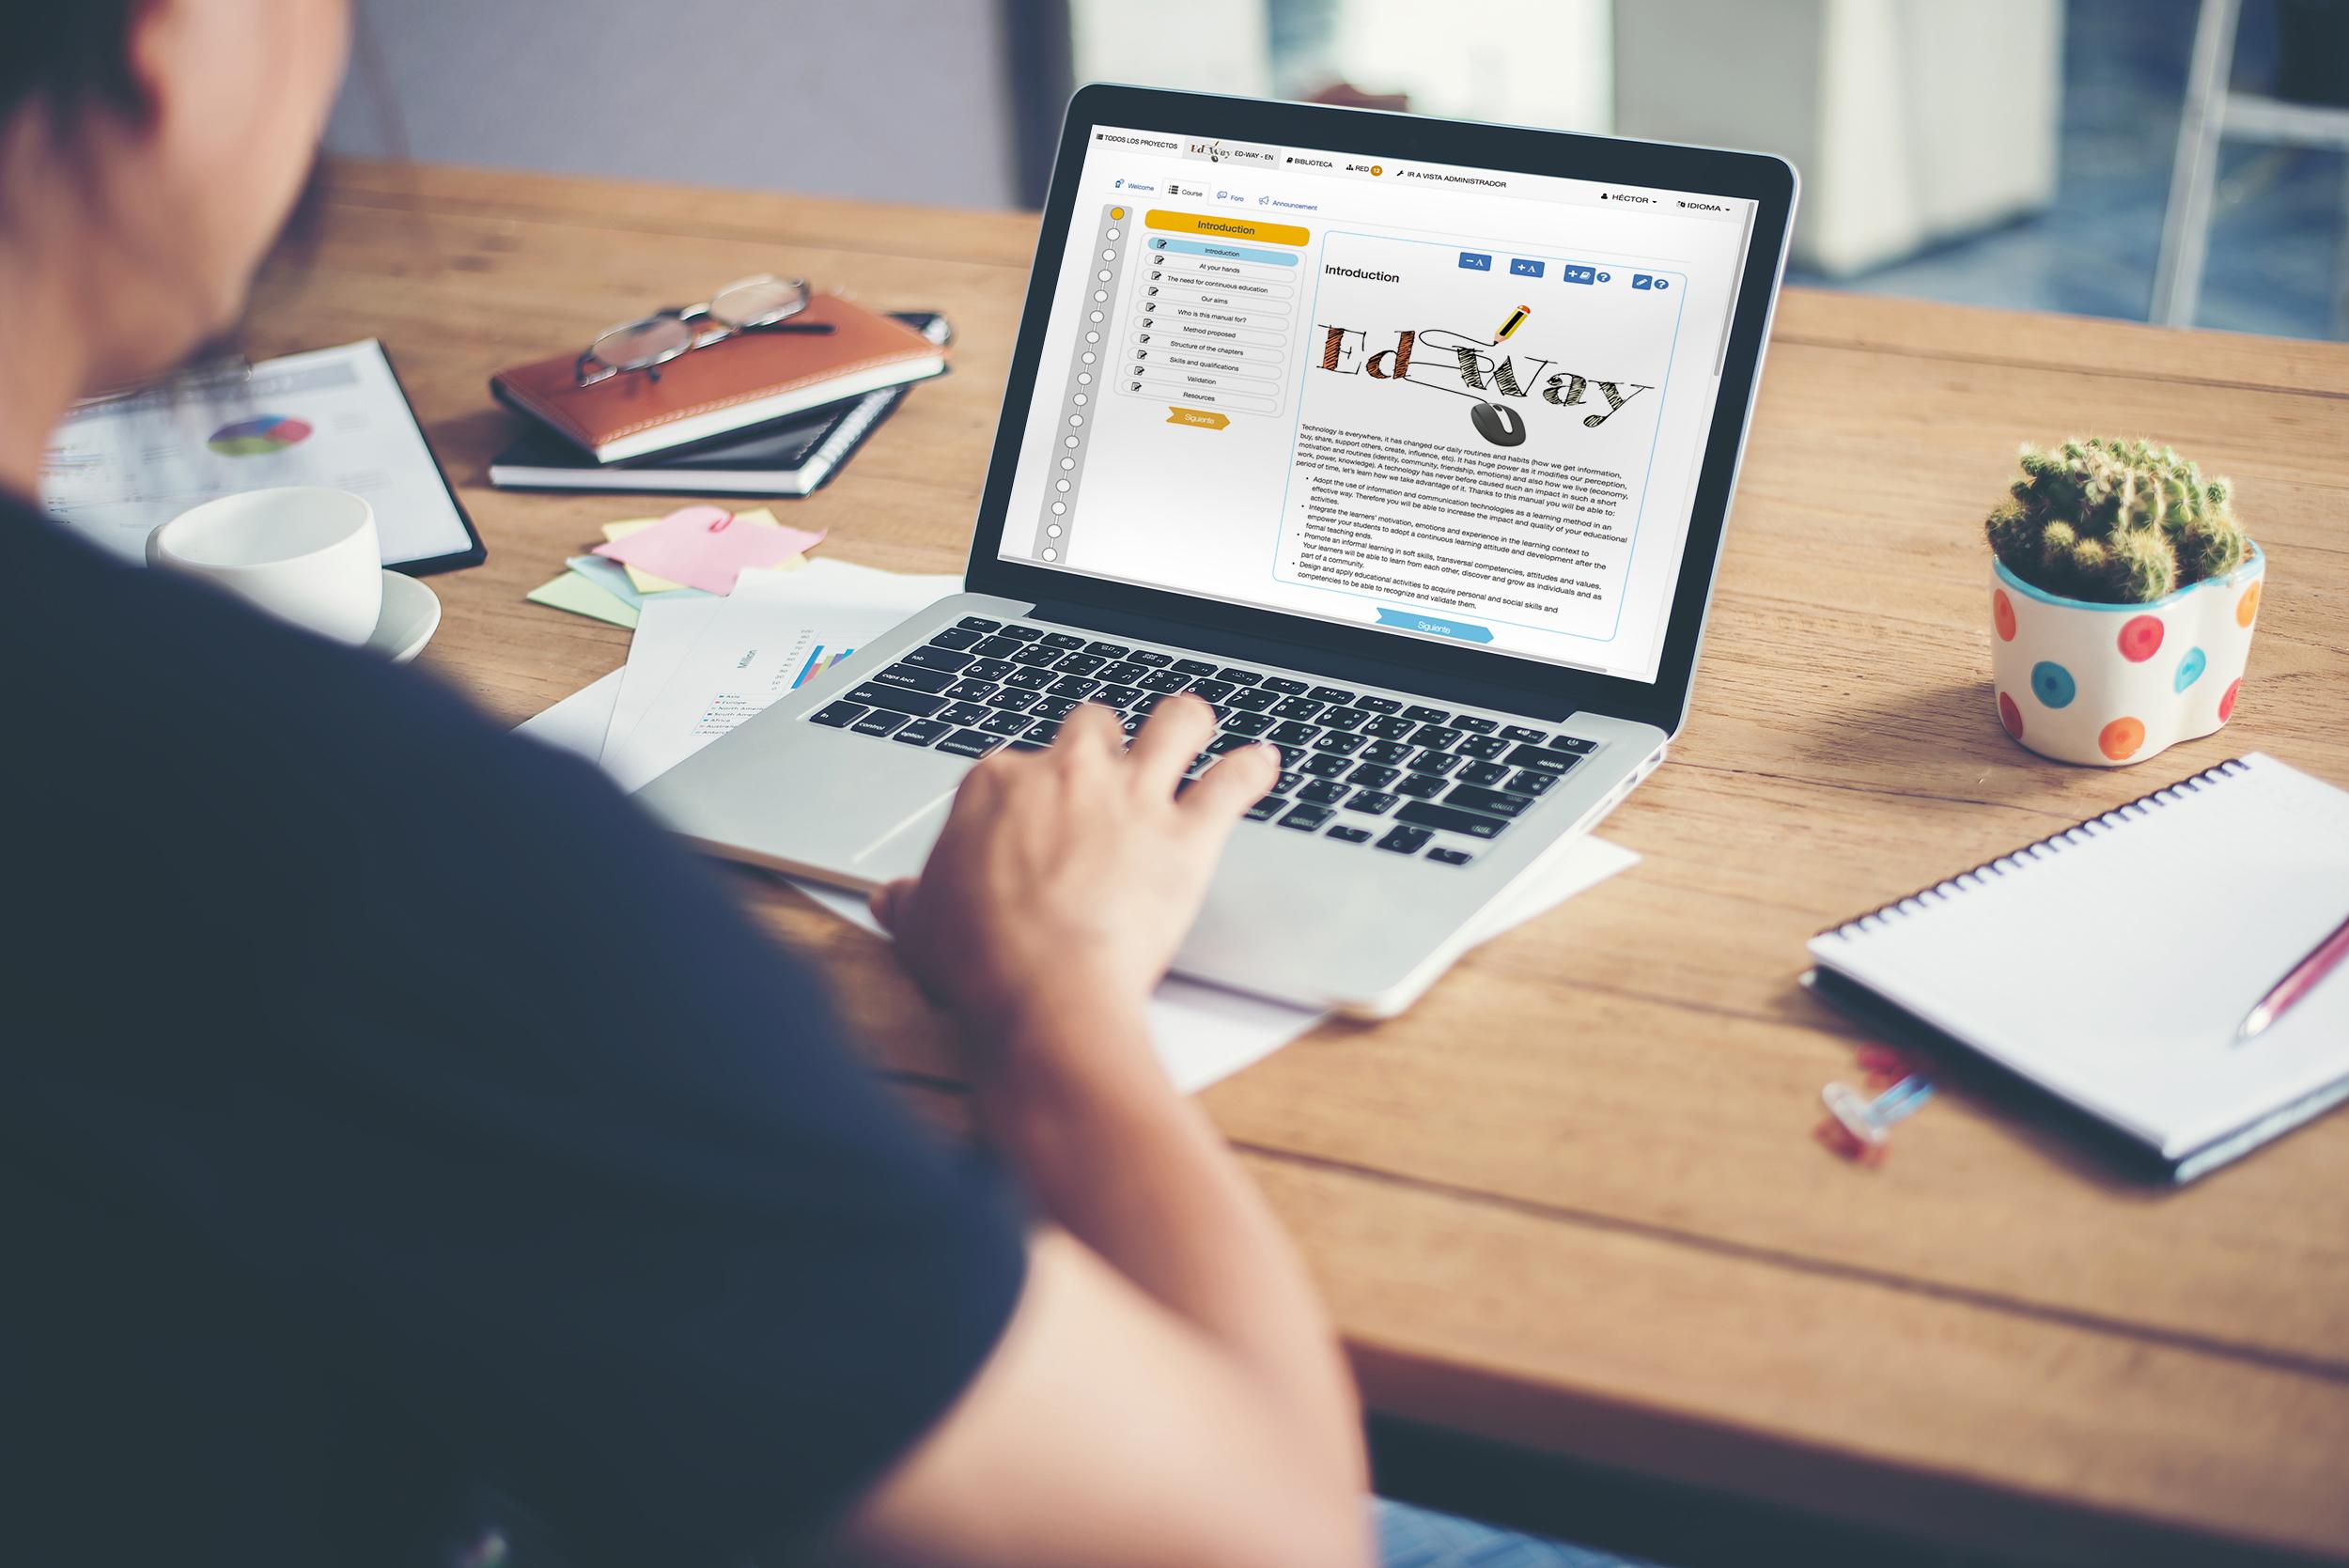 La enseñanza online como sistema para democratizar la educación, nuevas oportunidades y nuevos retos.